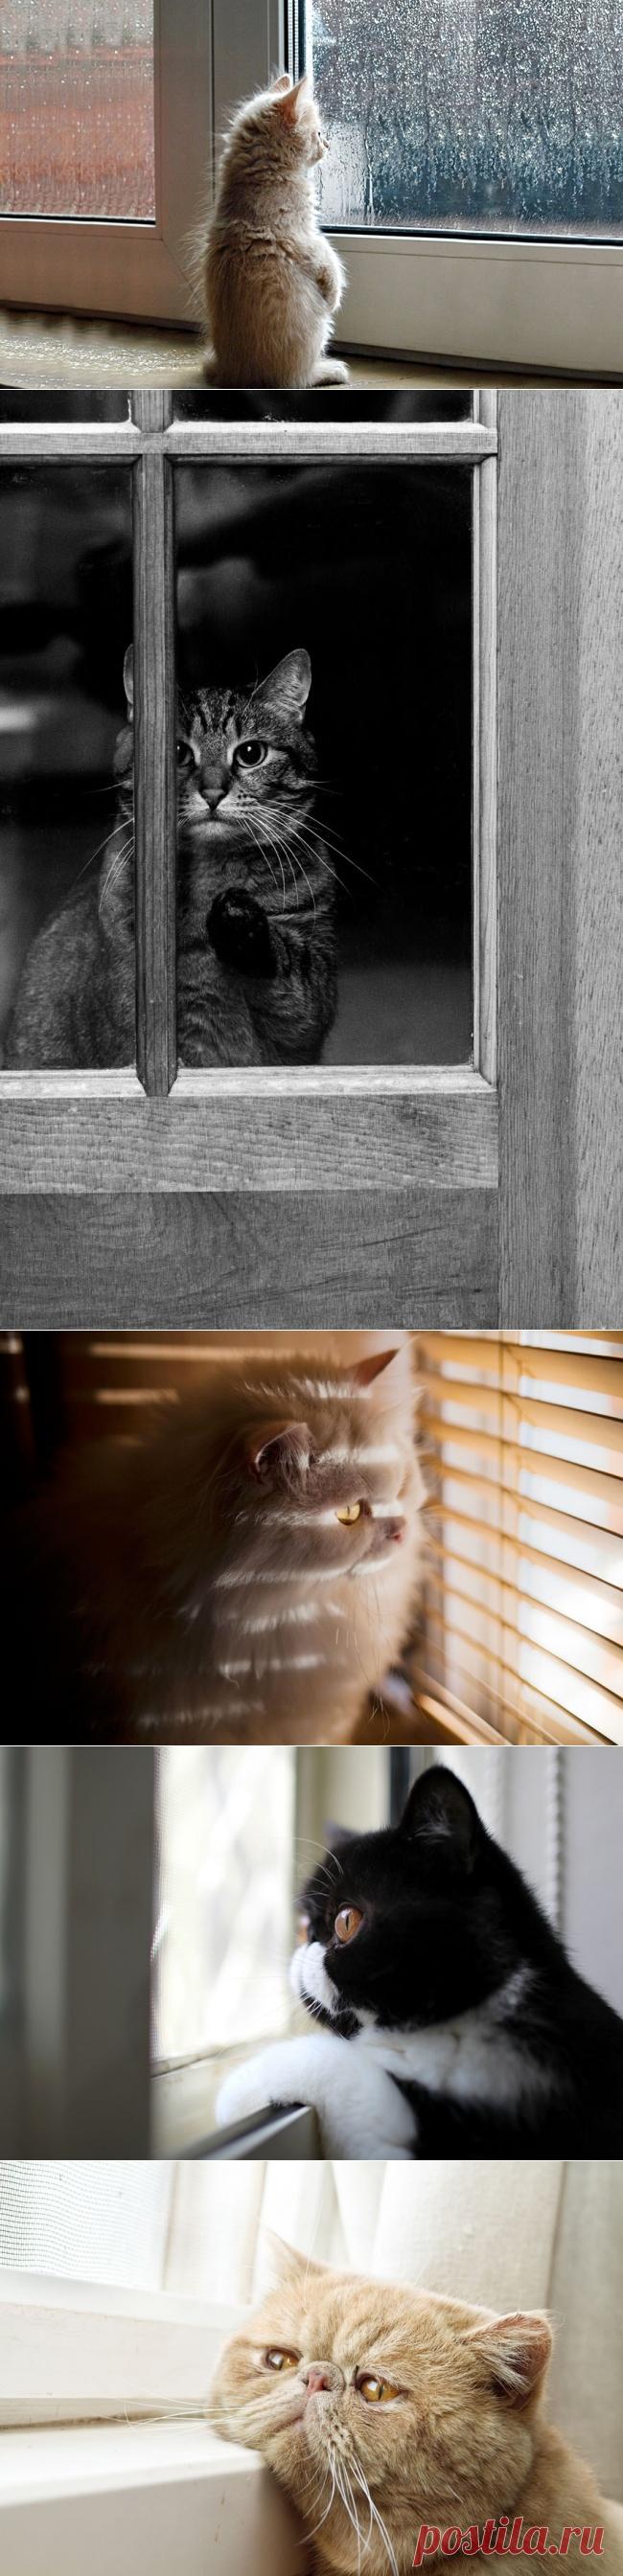 Principal que alguien espere la casa